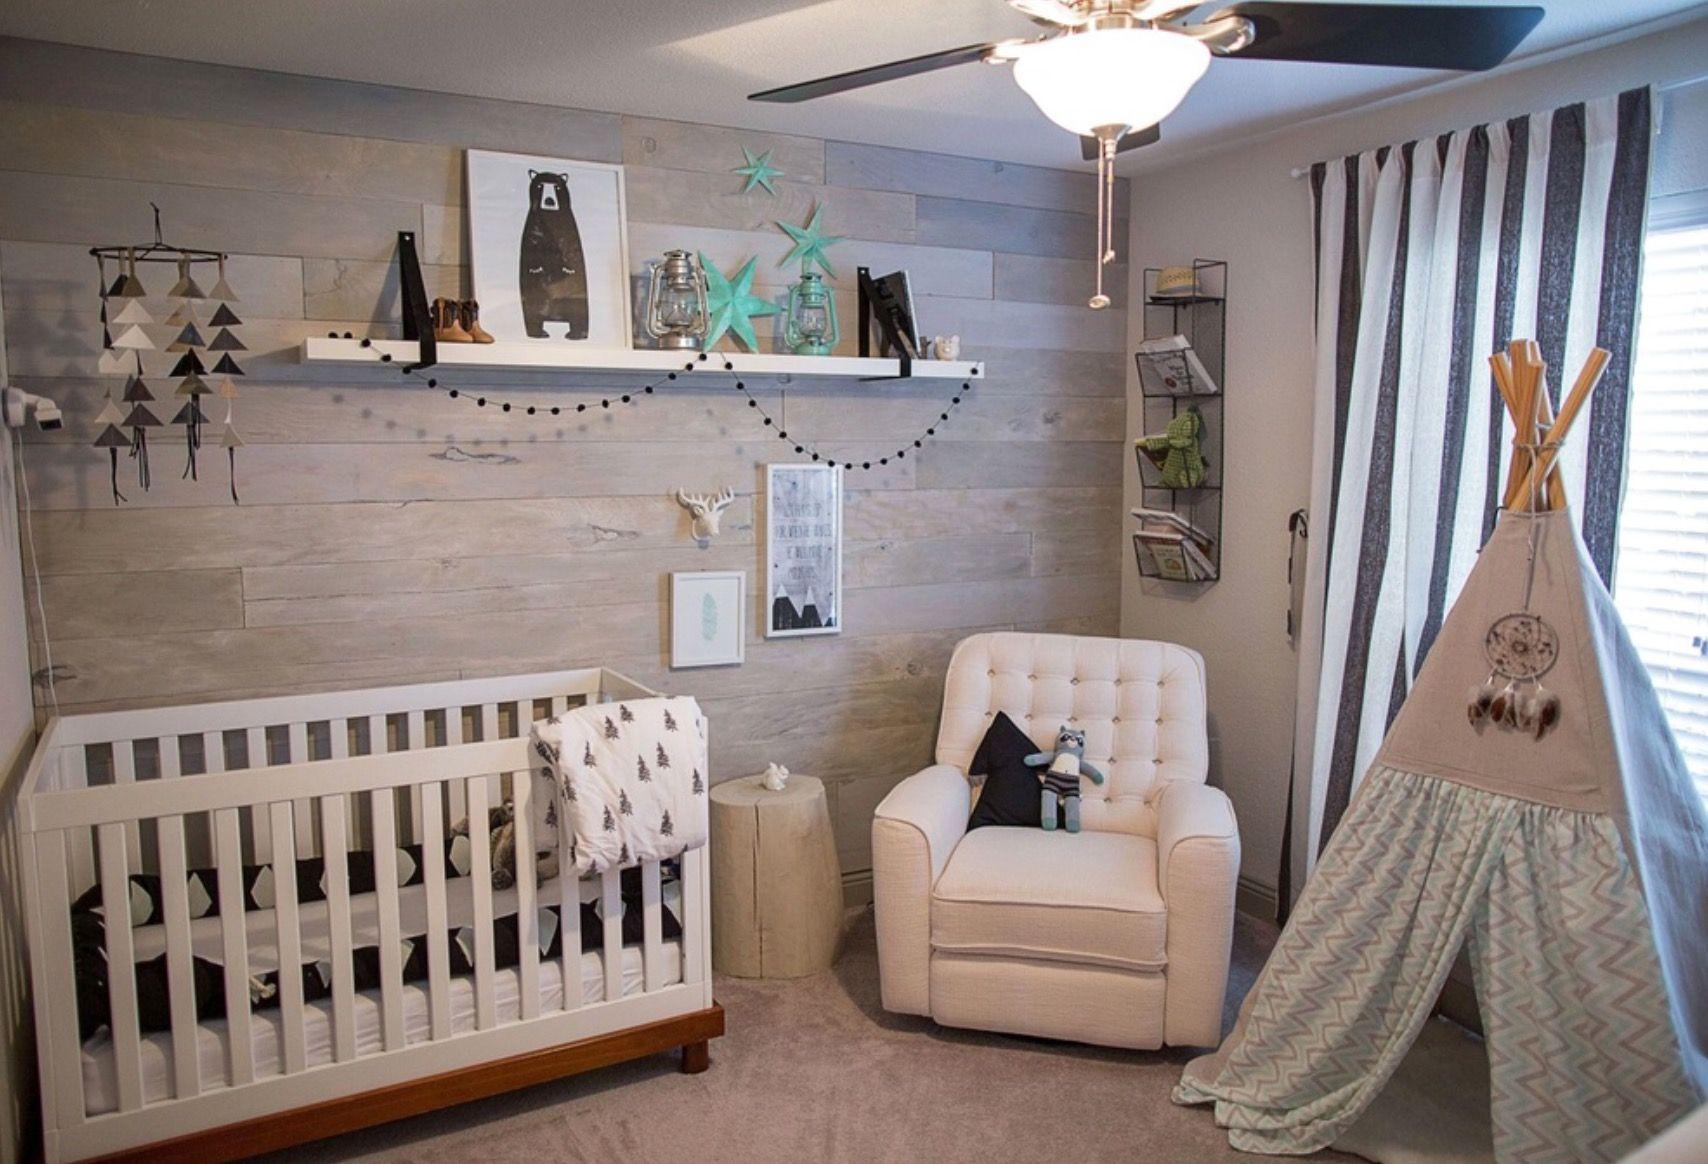 Pin de Teresa McKee Heart at Home Interiors en Kids of all ages! no ...